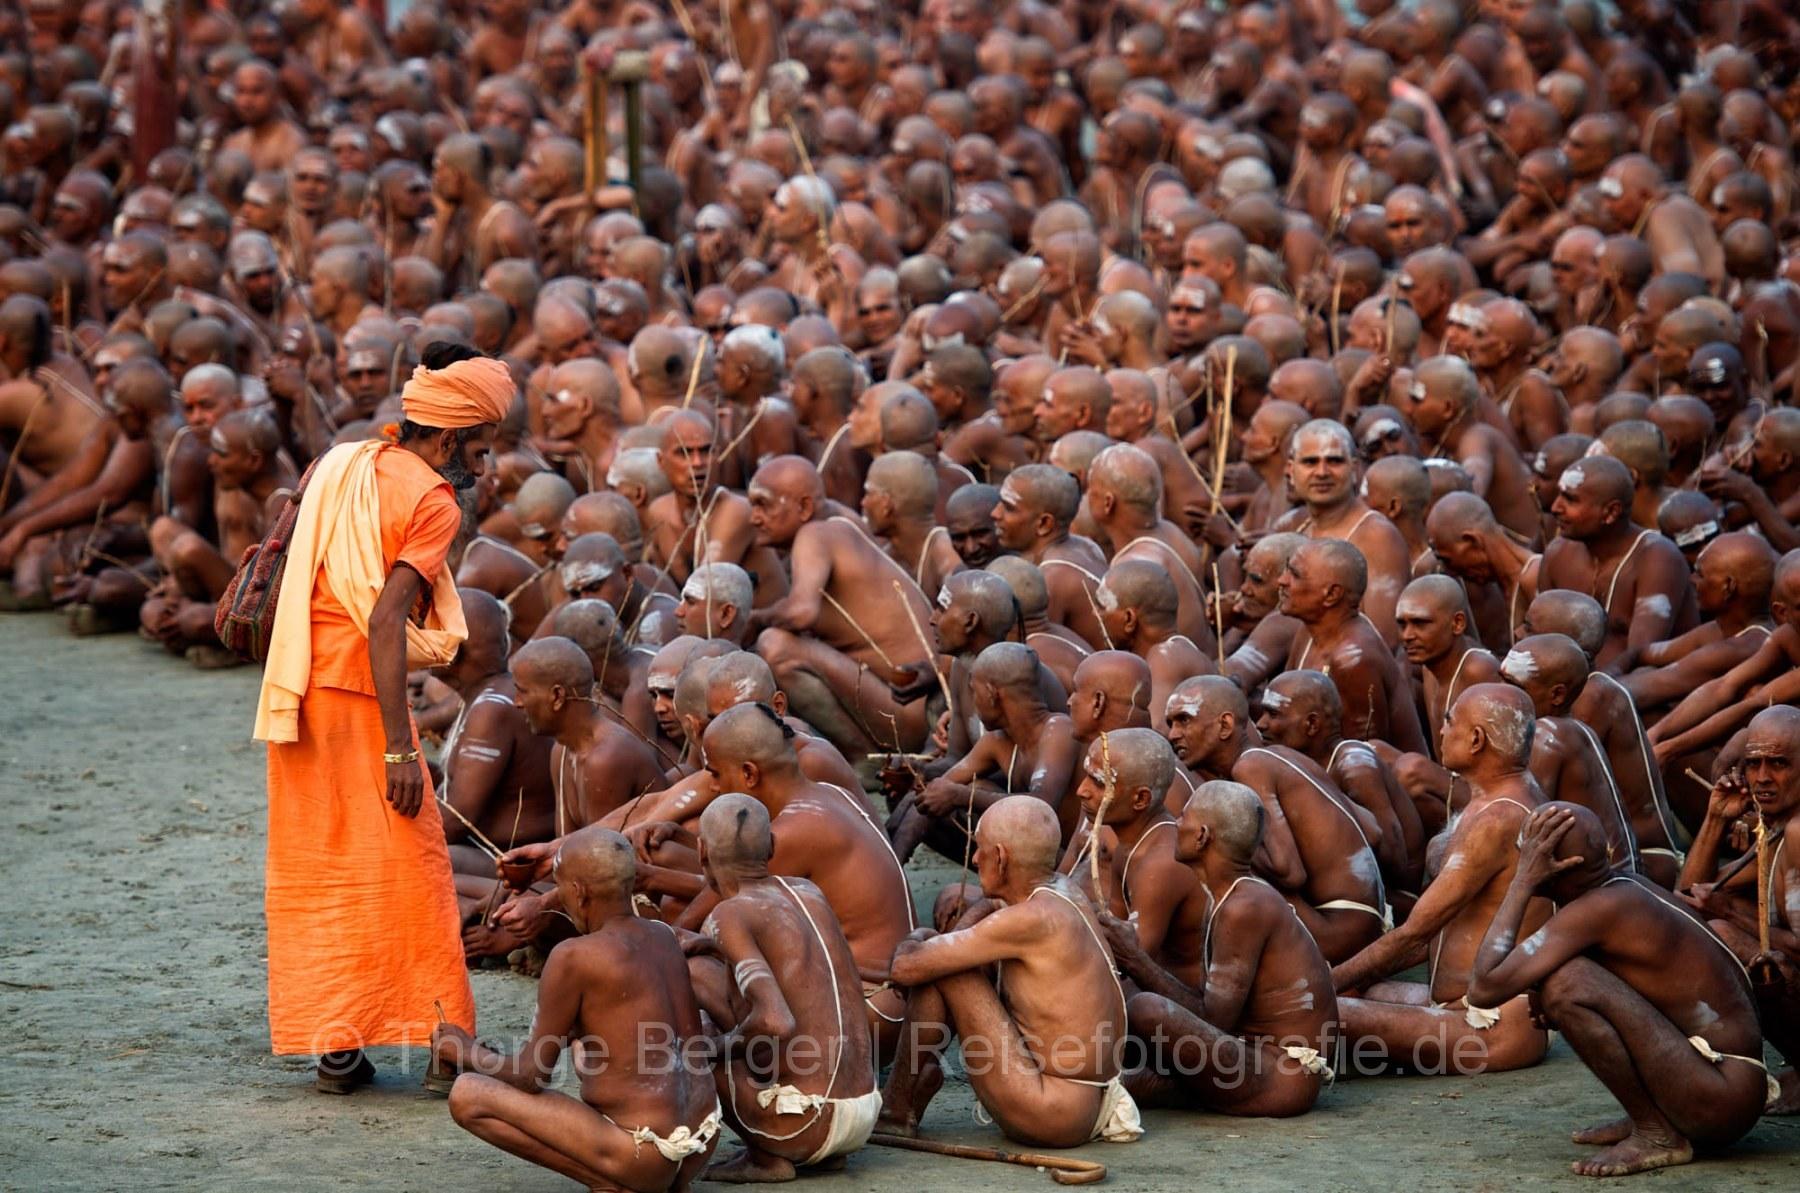 Sadhu aspirants at the Kumbh Mela